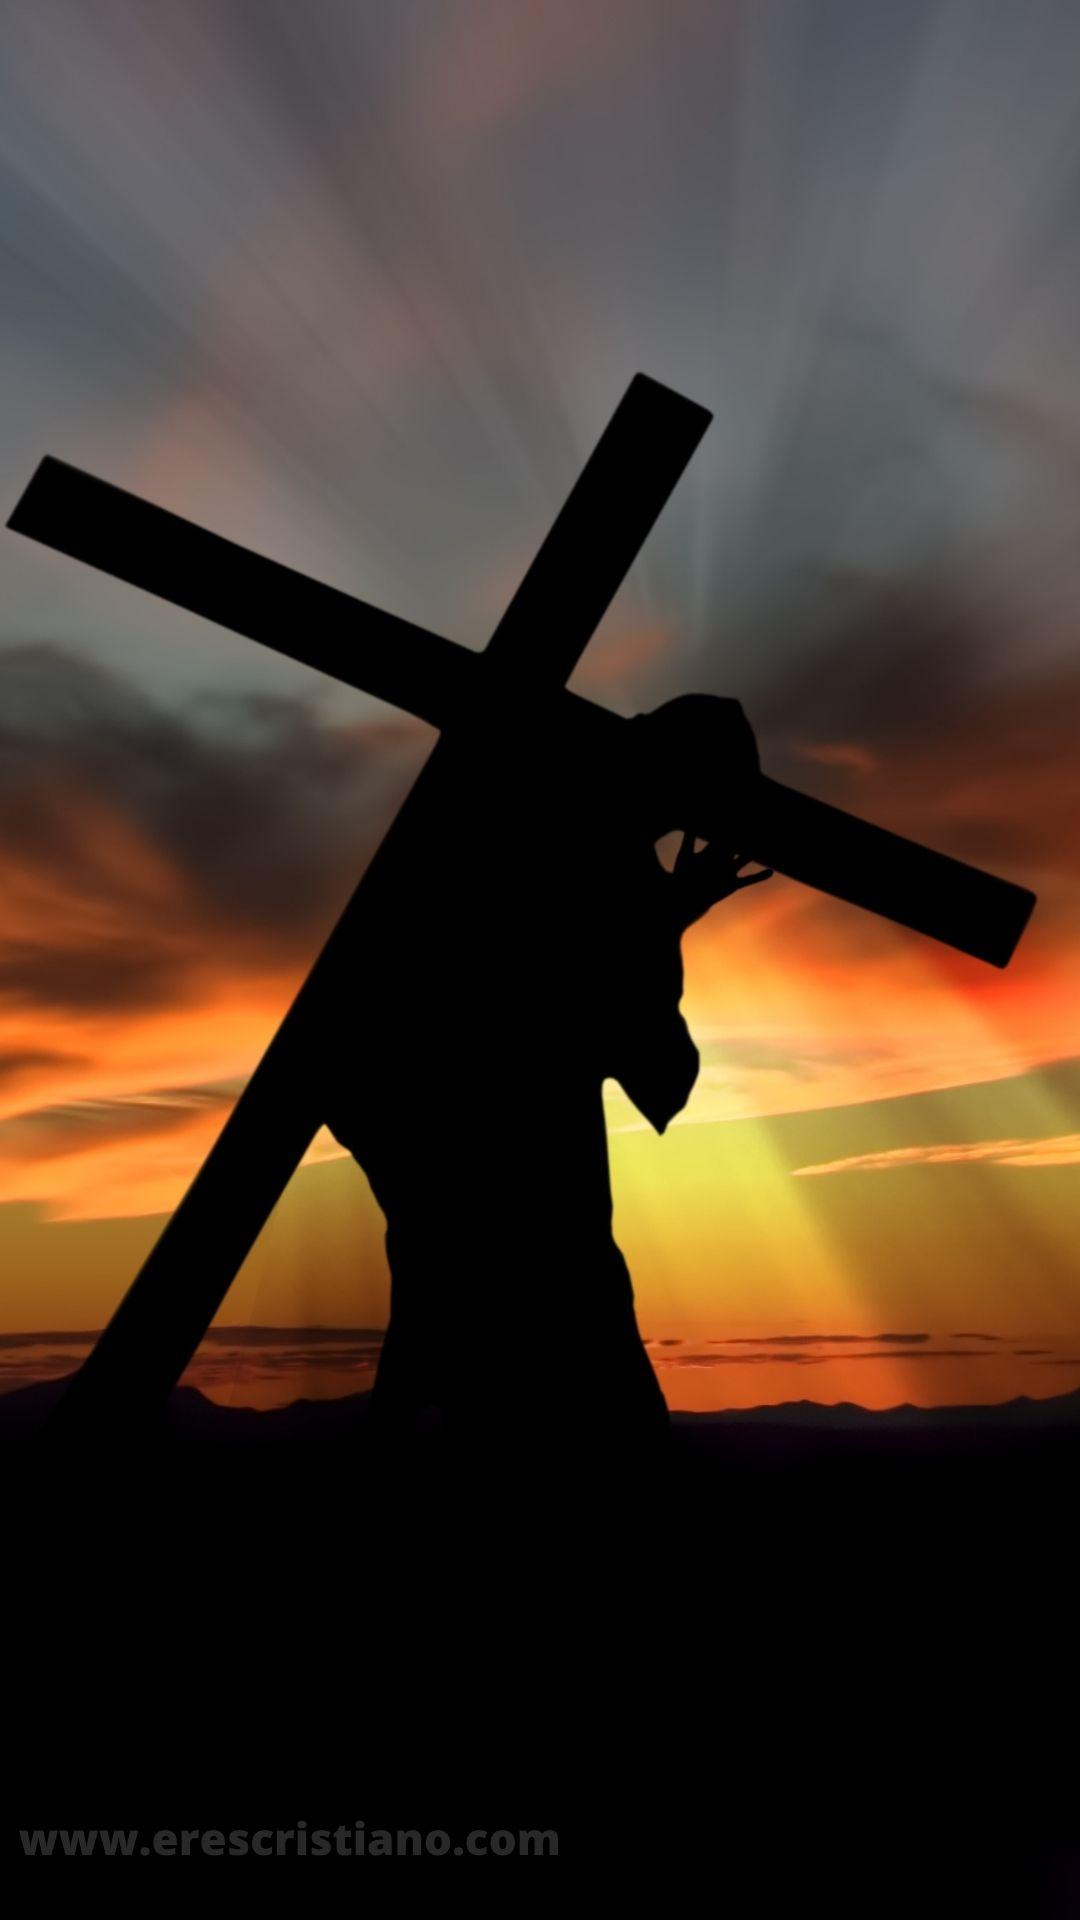 fondos de Jesús y la cruz